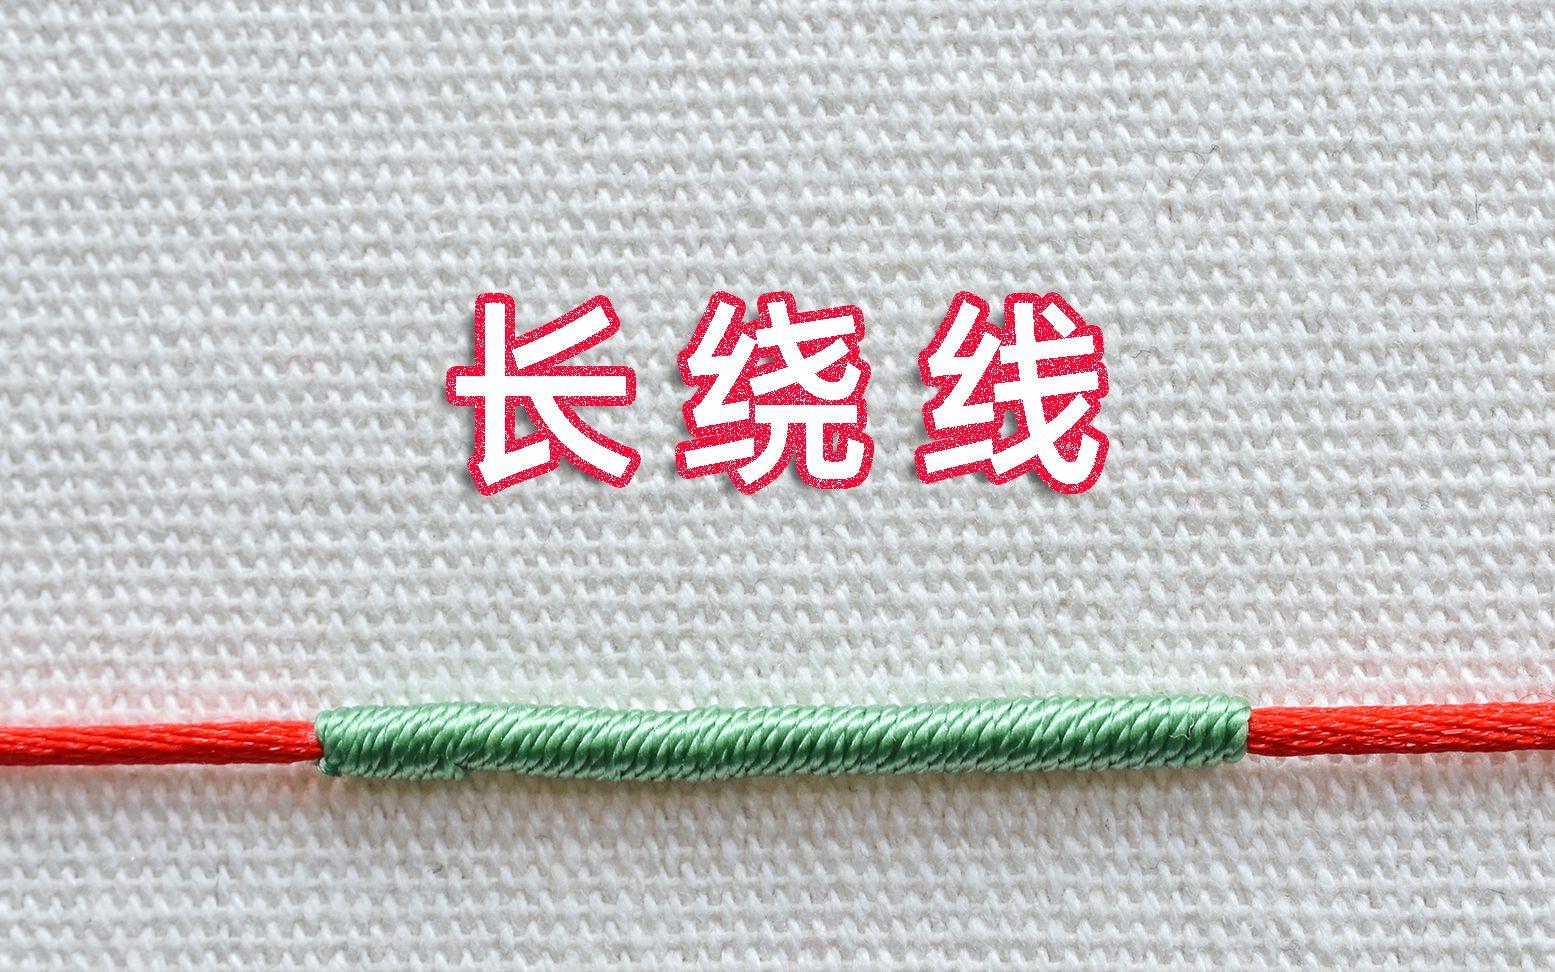 中国结论坛 长绕线的编法教程,学习手绳绕线怎么做 教程,毛线怎么织,织围巾需要多少线团,毛线能织什么,围巾用什么线织好 视频教程区 133738a0t8x7sq1x2tpu1c